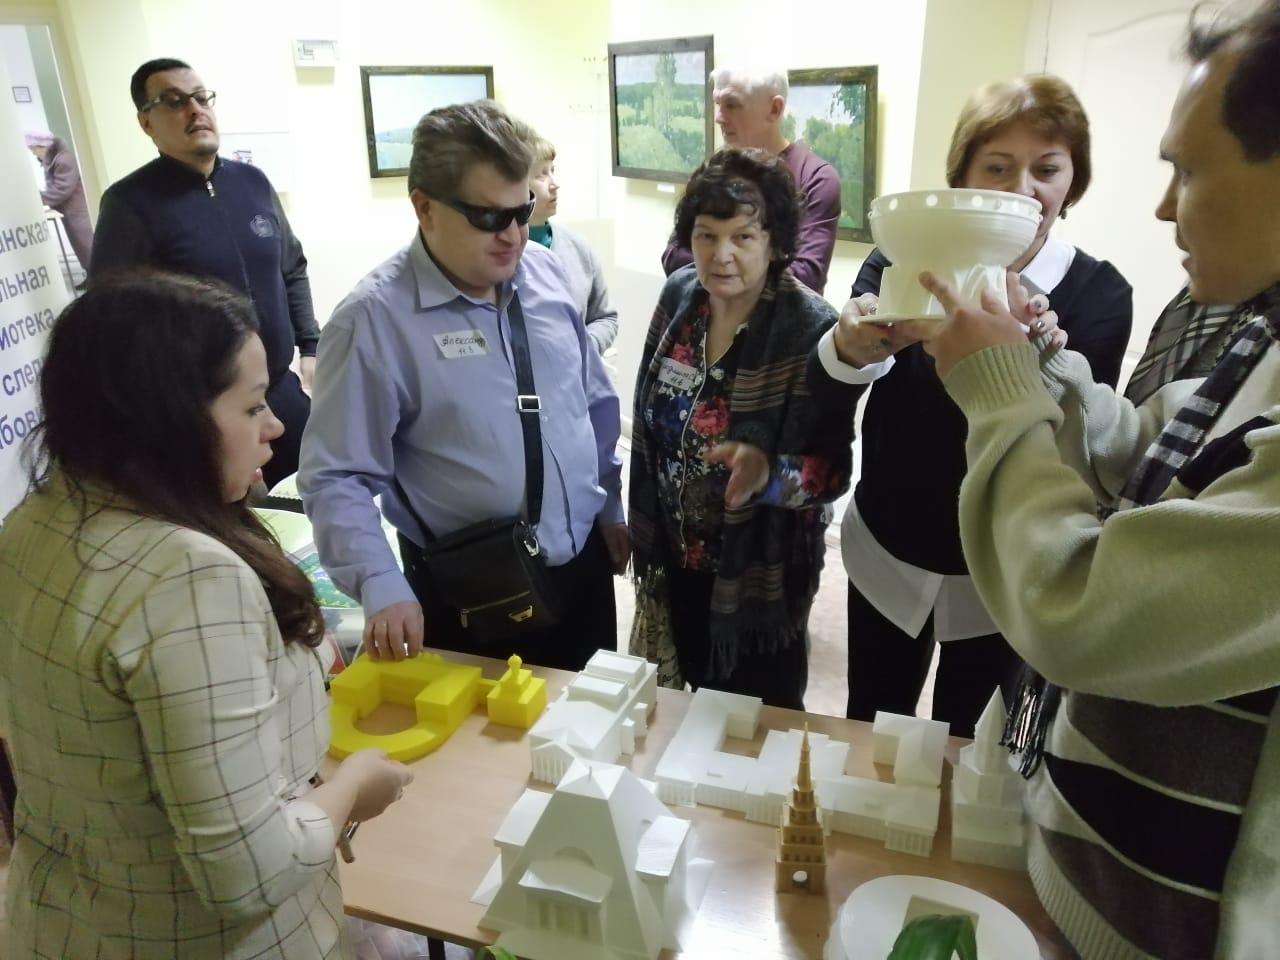 Тактильная экспозиция «Татарстан на кончиках пальцев в формате 3d».